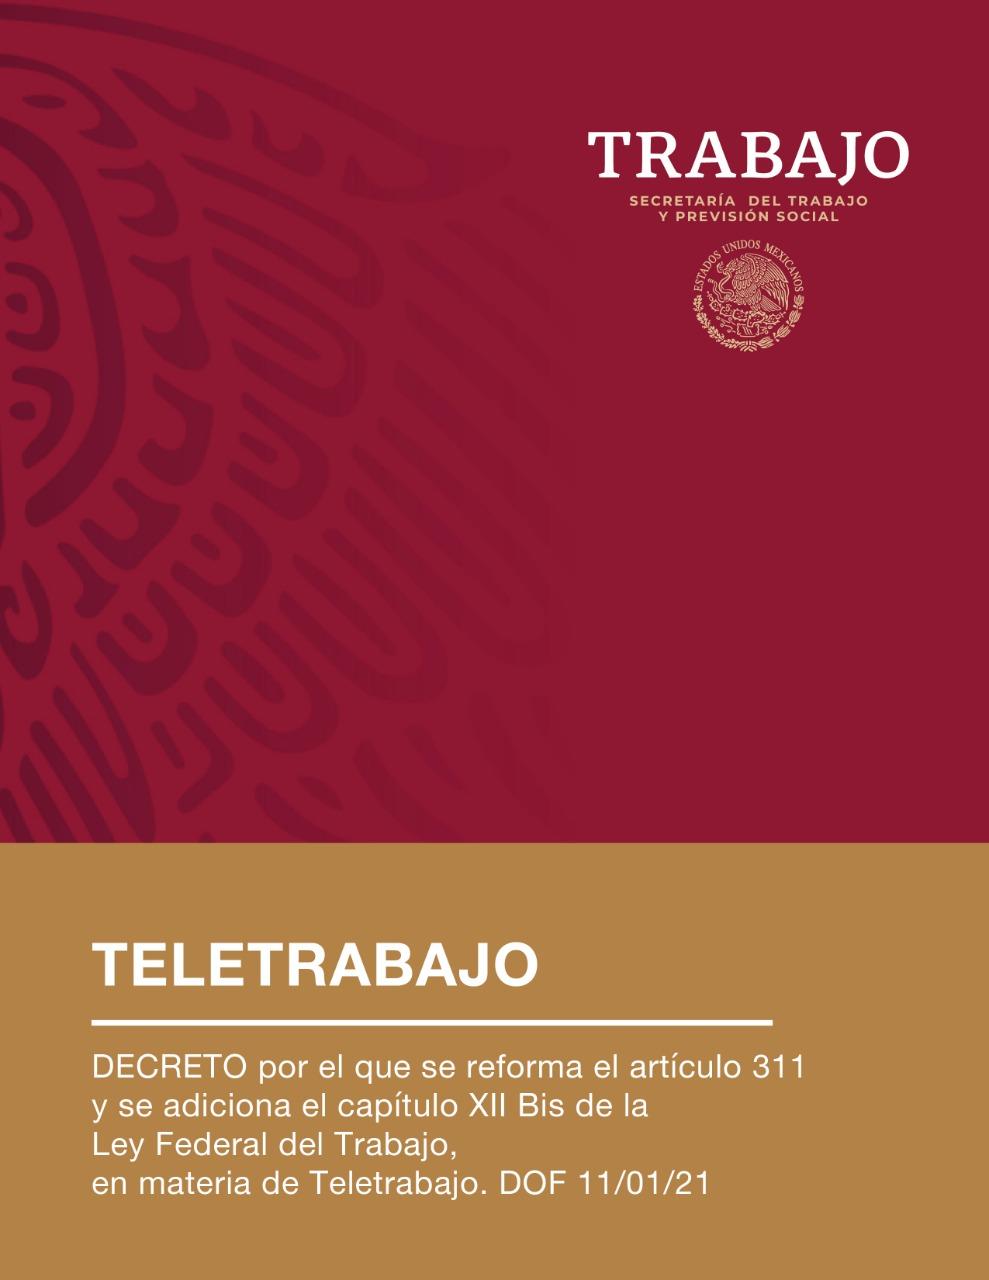 Reforma a la Ley Federal del Trabajo en materia de Teletrabajo